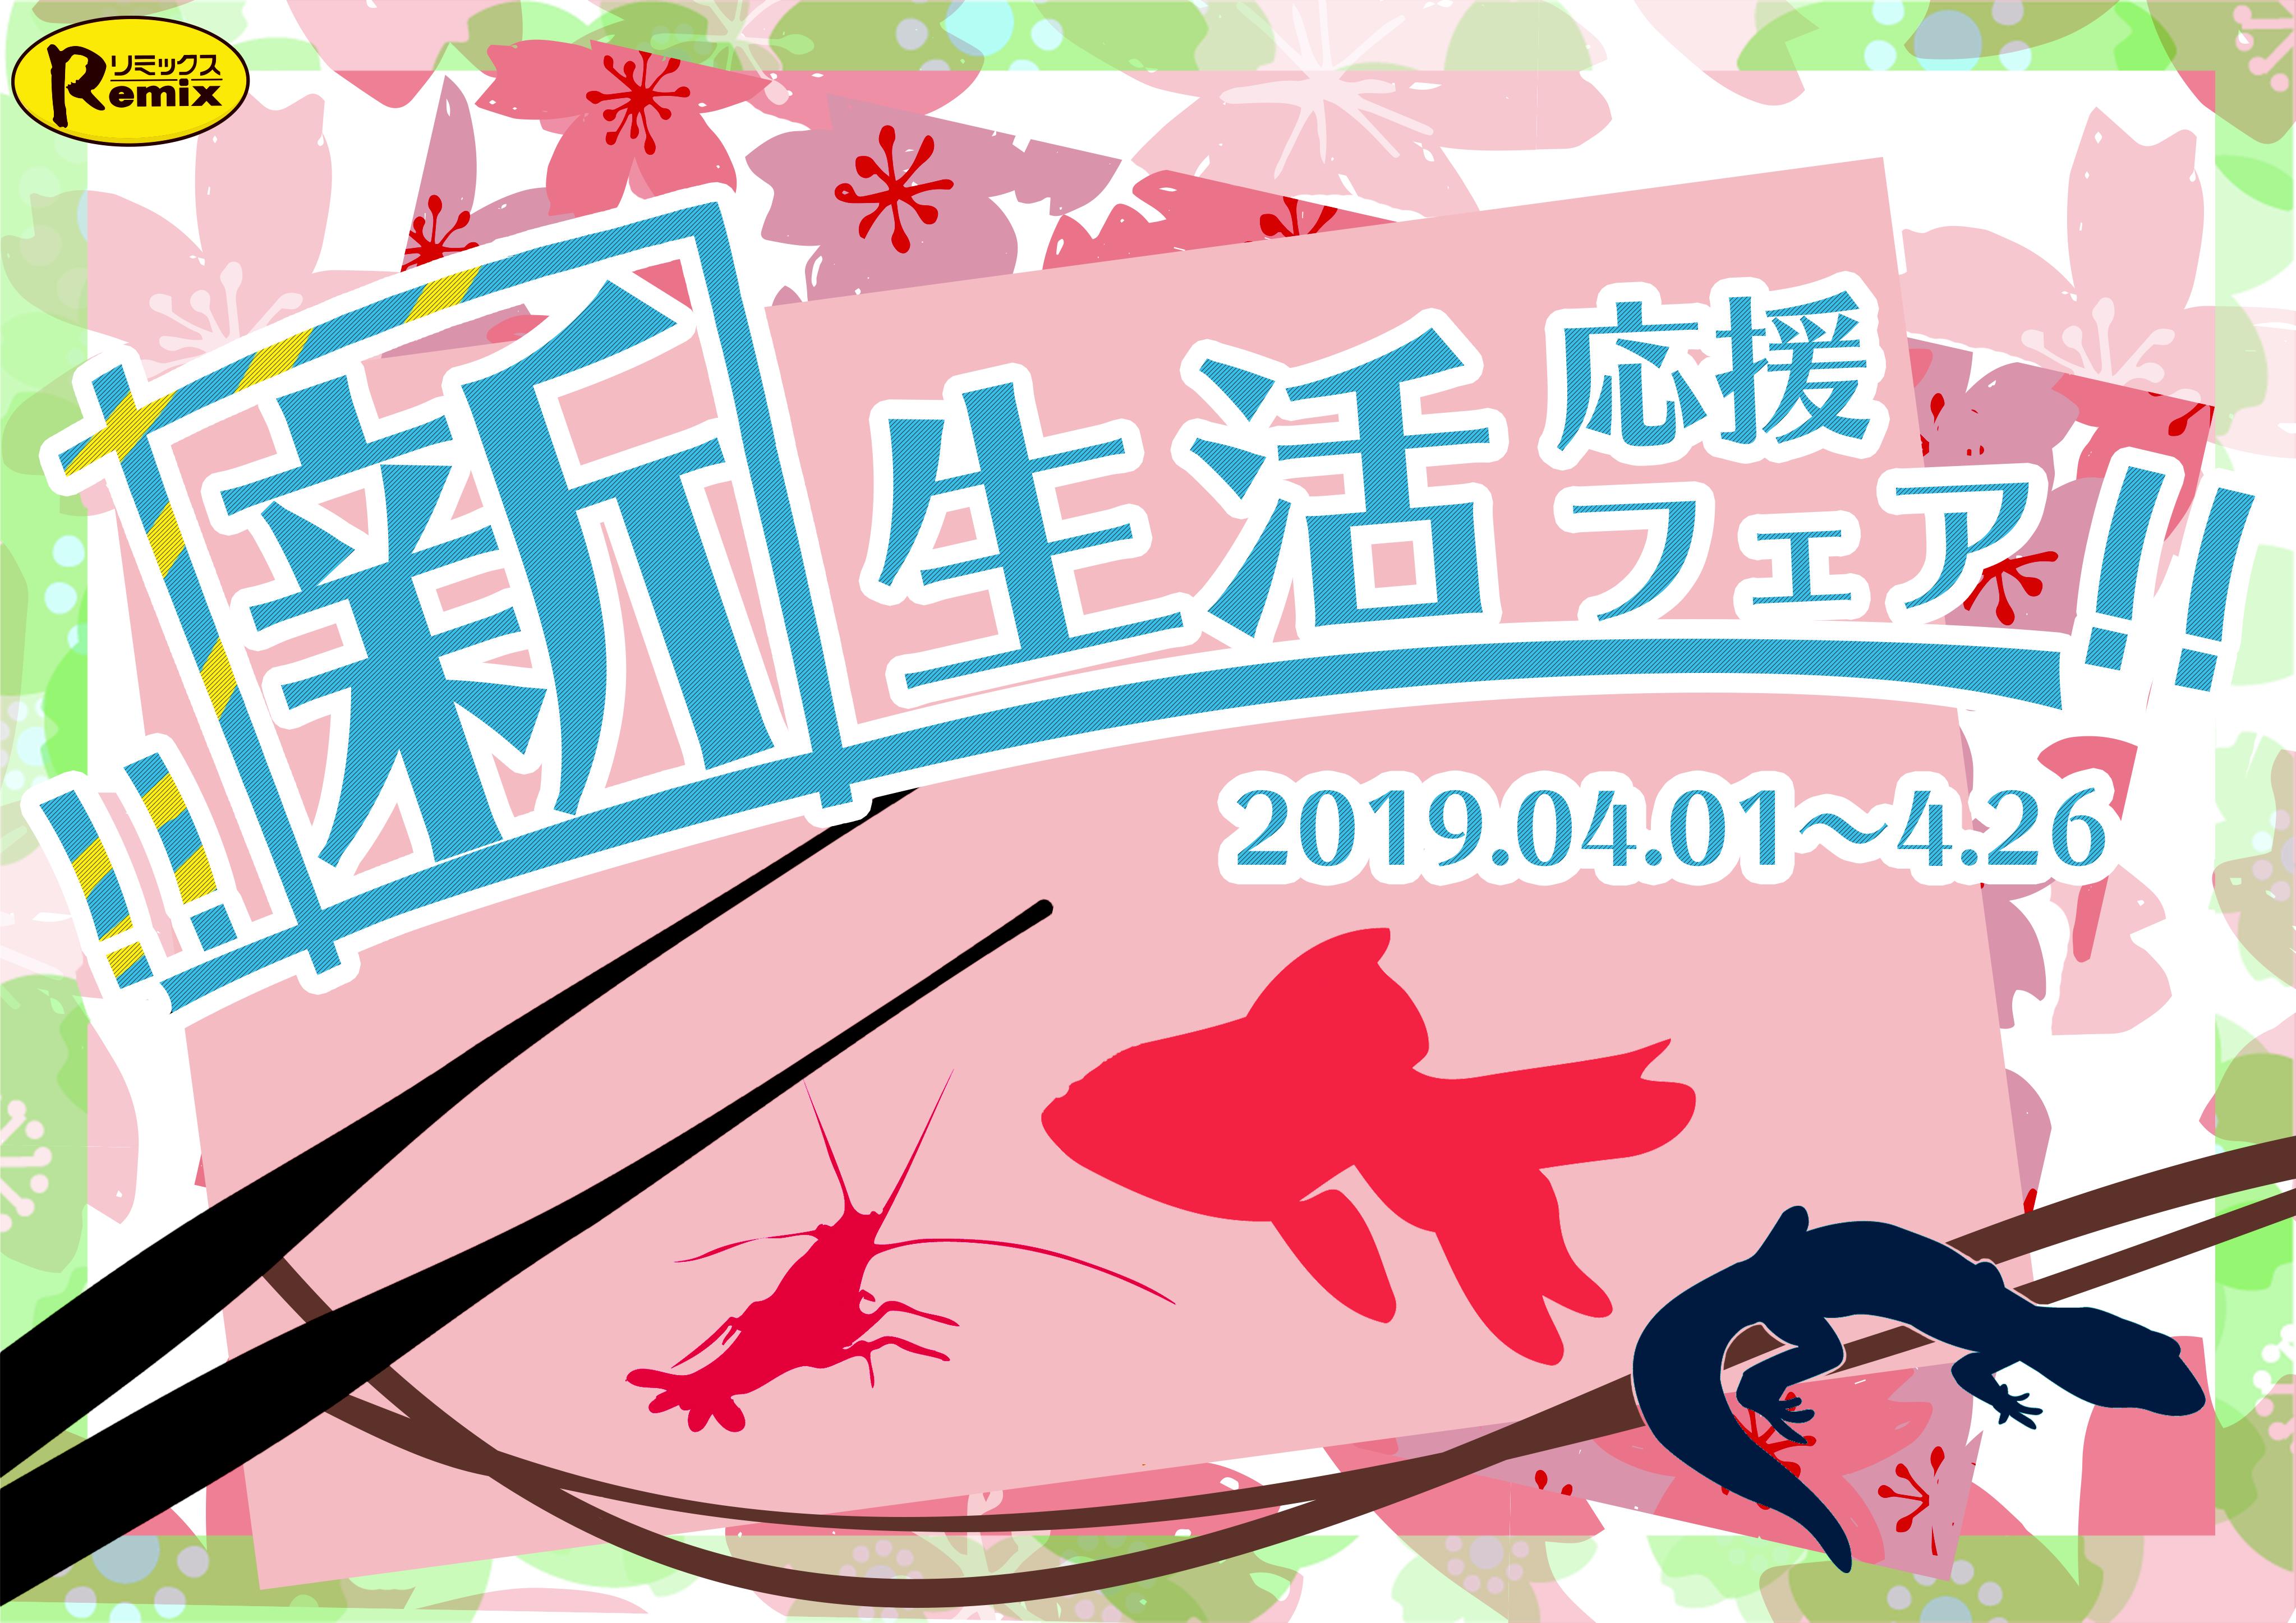 本日より新生活応援フェア開催!!